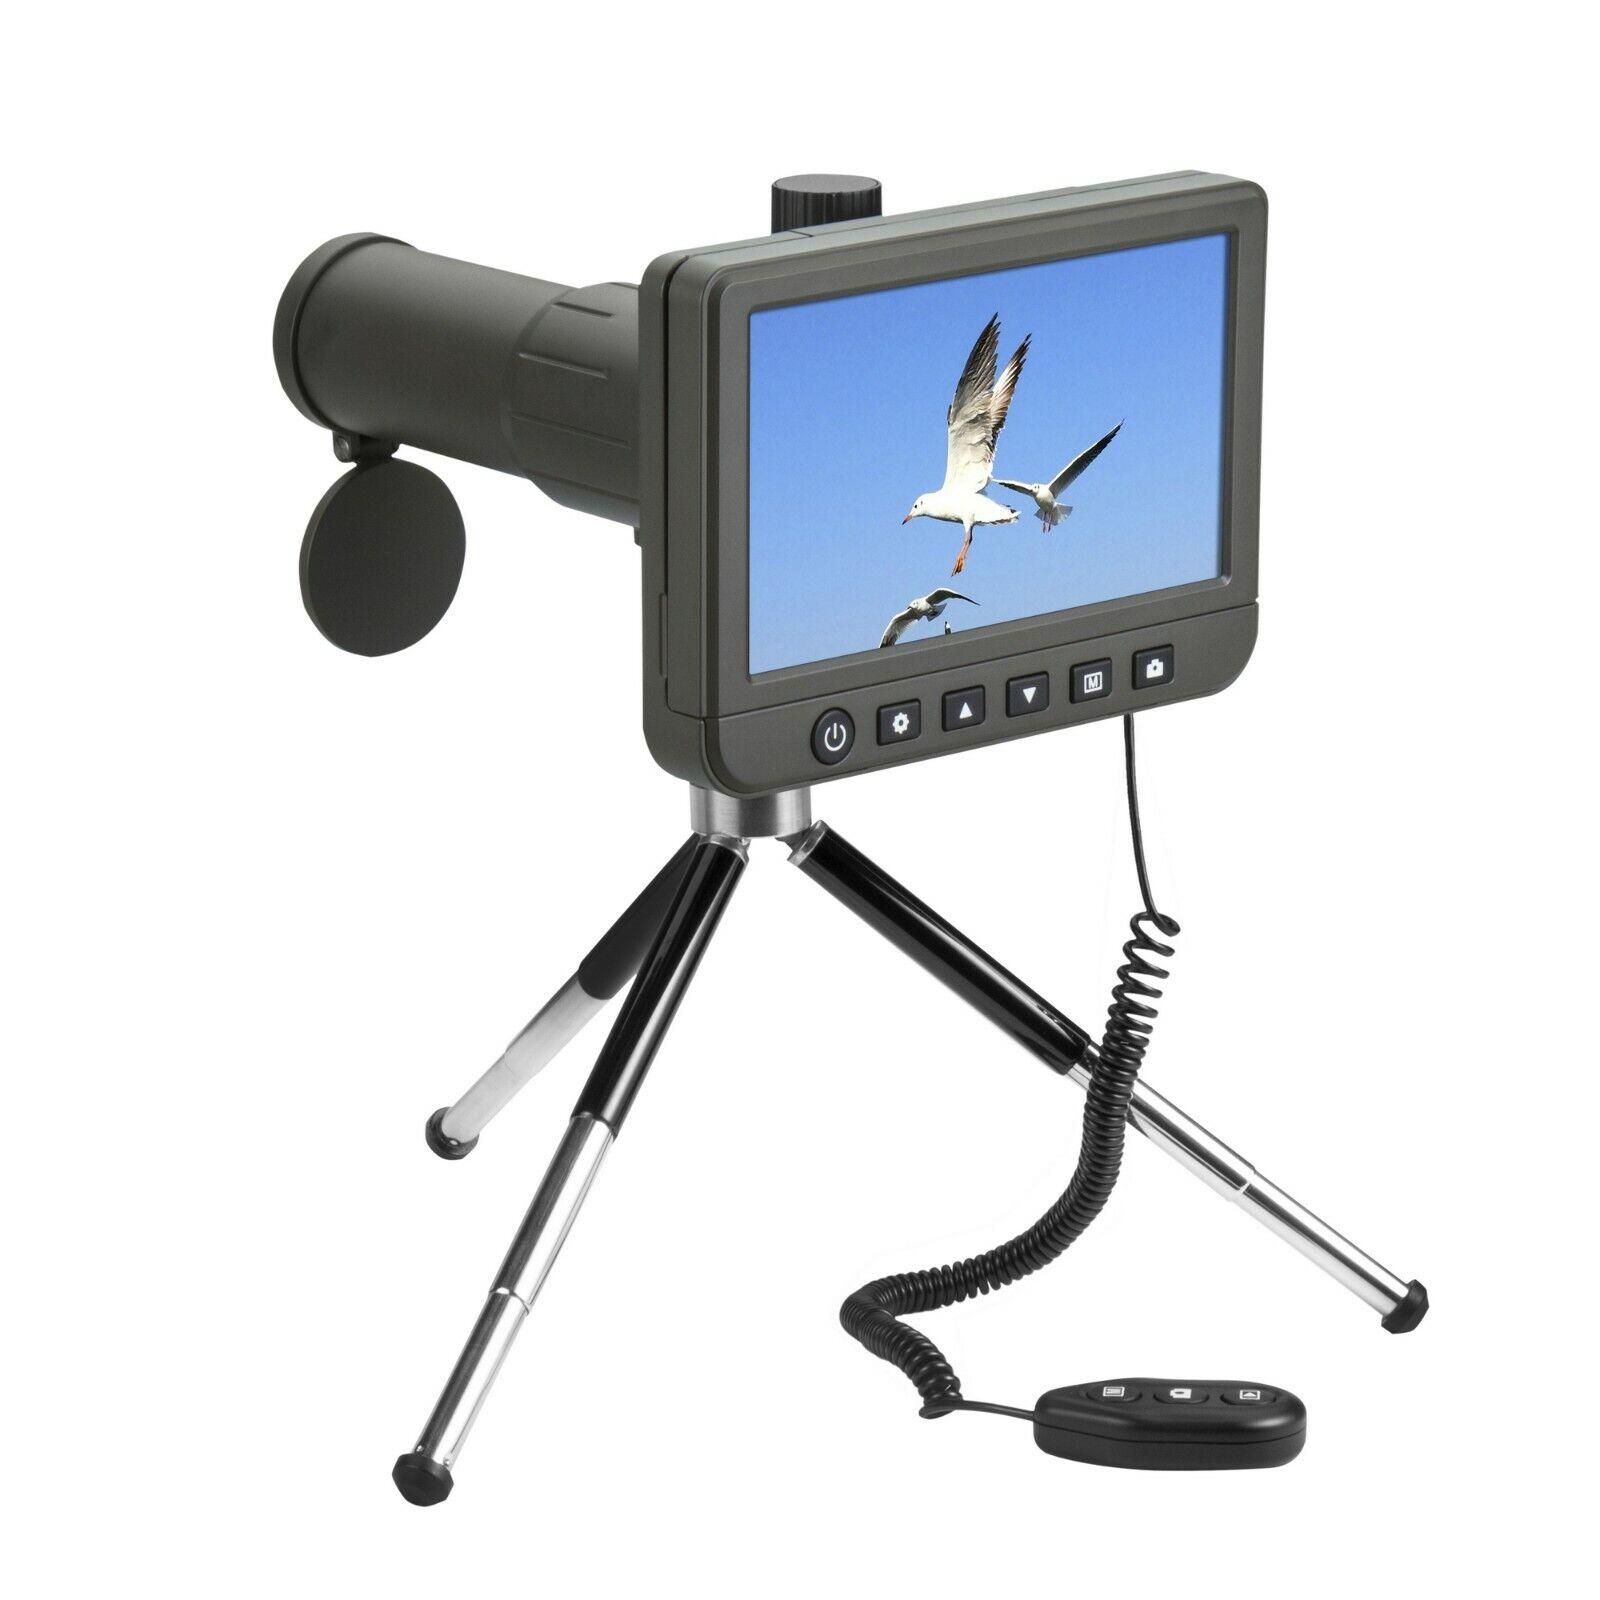 Vividia SS-550 LCD Telescopio Telescopio 50x con 5  LCD Monitor Video 1080P